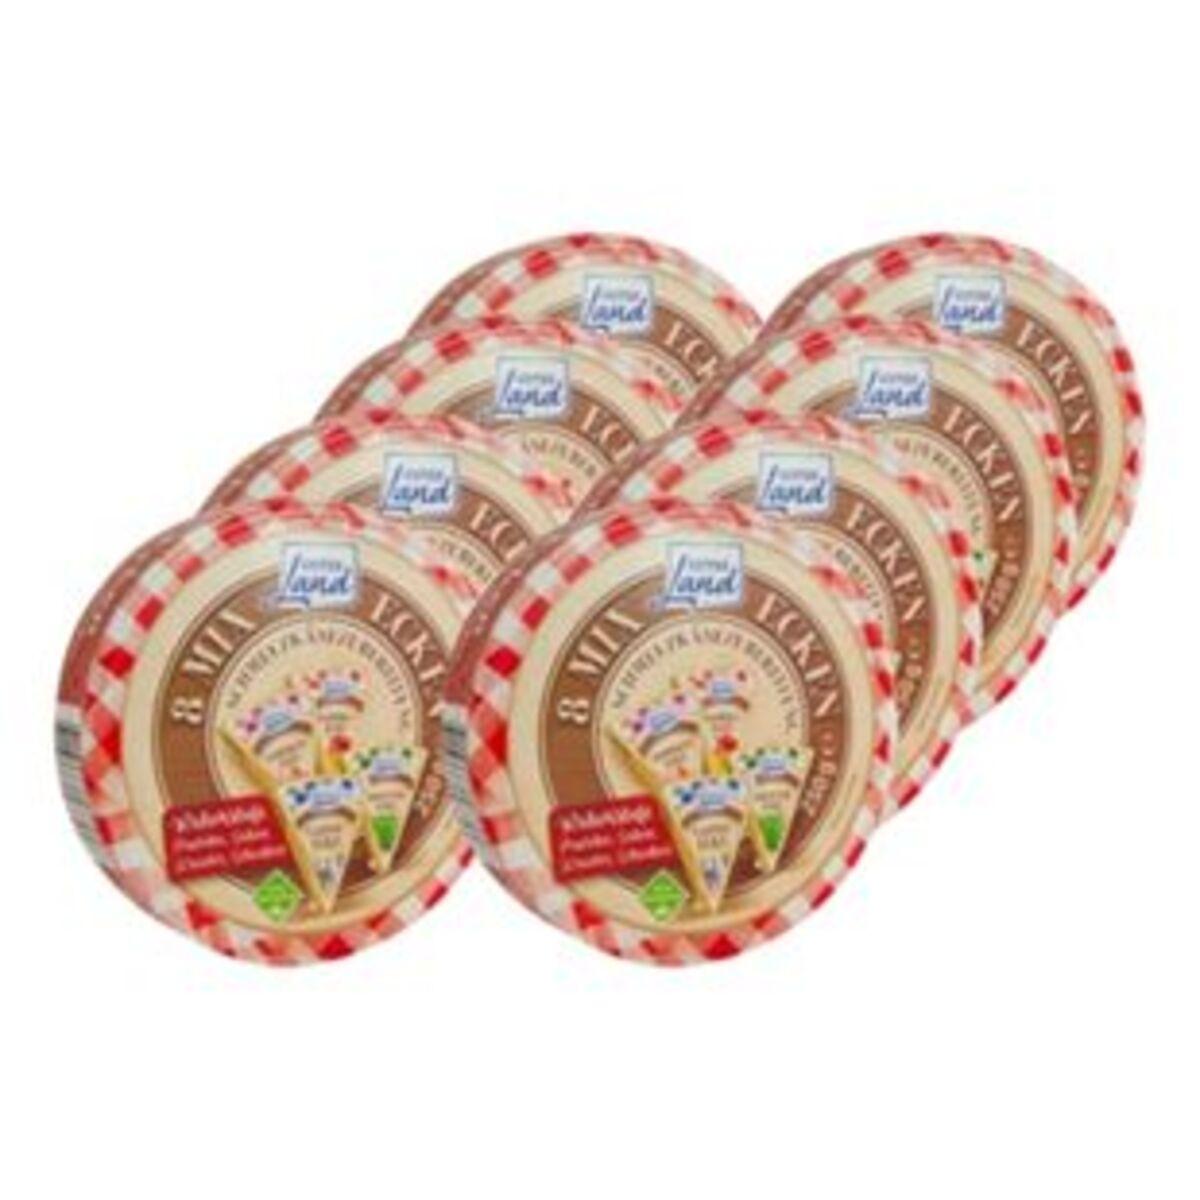 Bild 2 von Gutes Land Runddose Käse-Mix ohne Gentechnik 250 g, 8er Pack